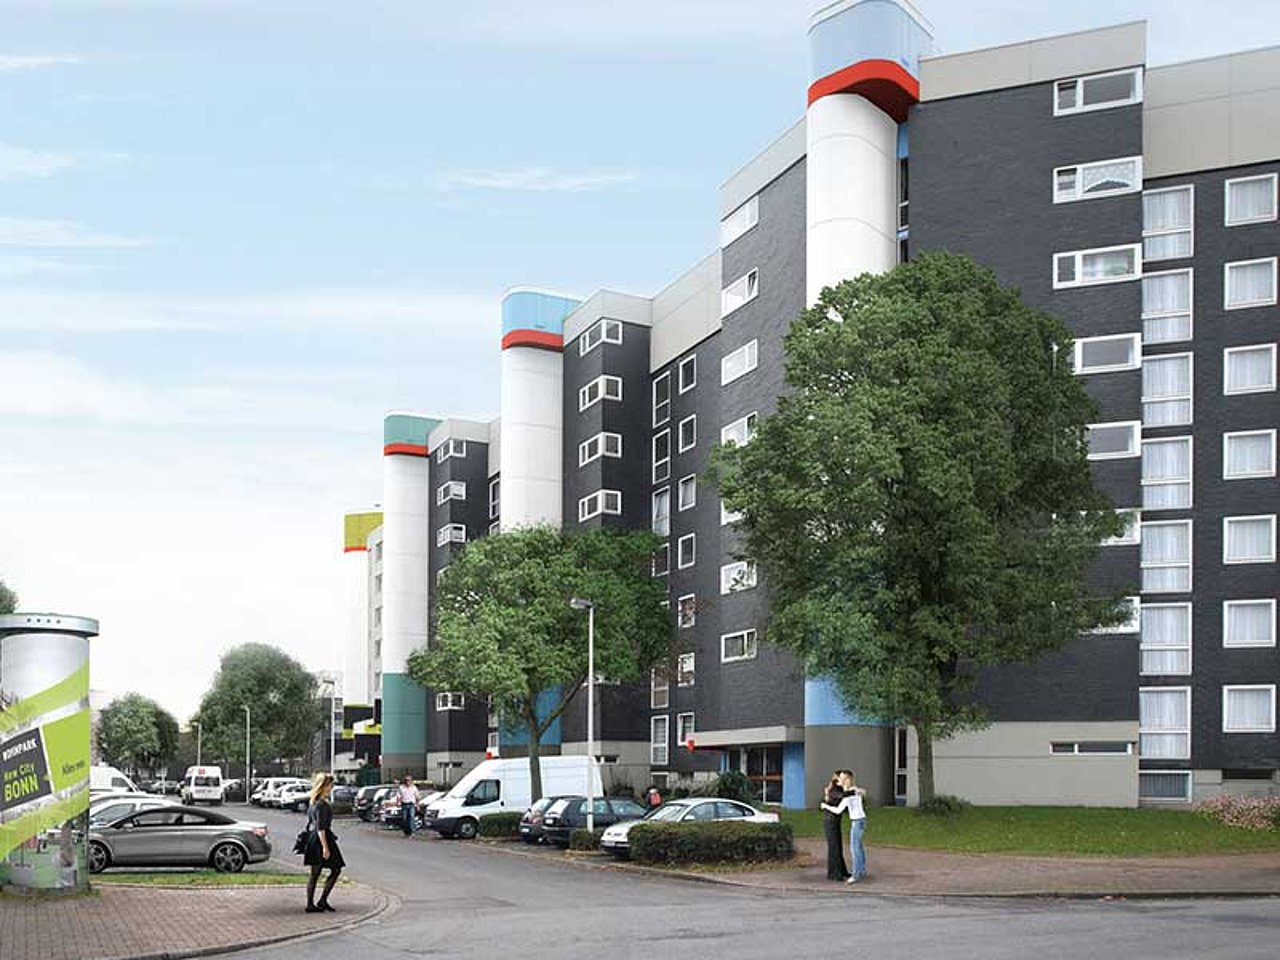 csm_DIWO-Home-Bonn-Aussen-4_4d1c81c24a